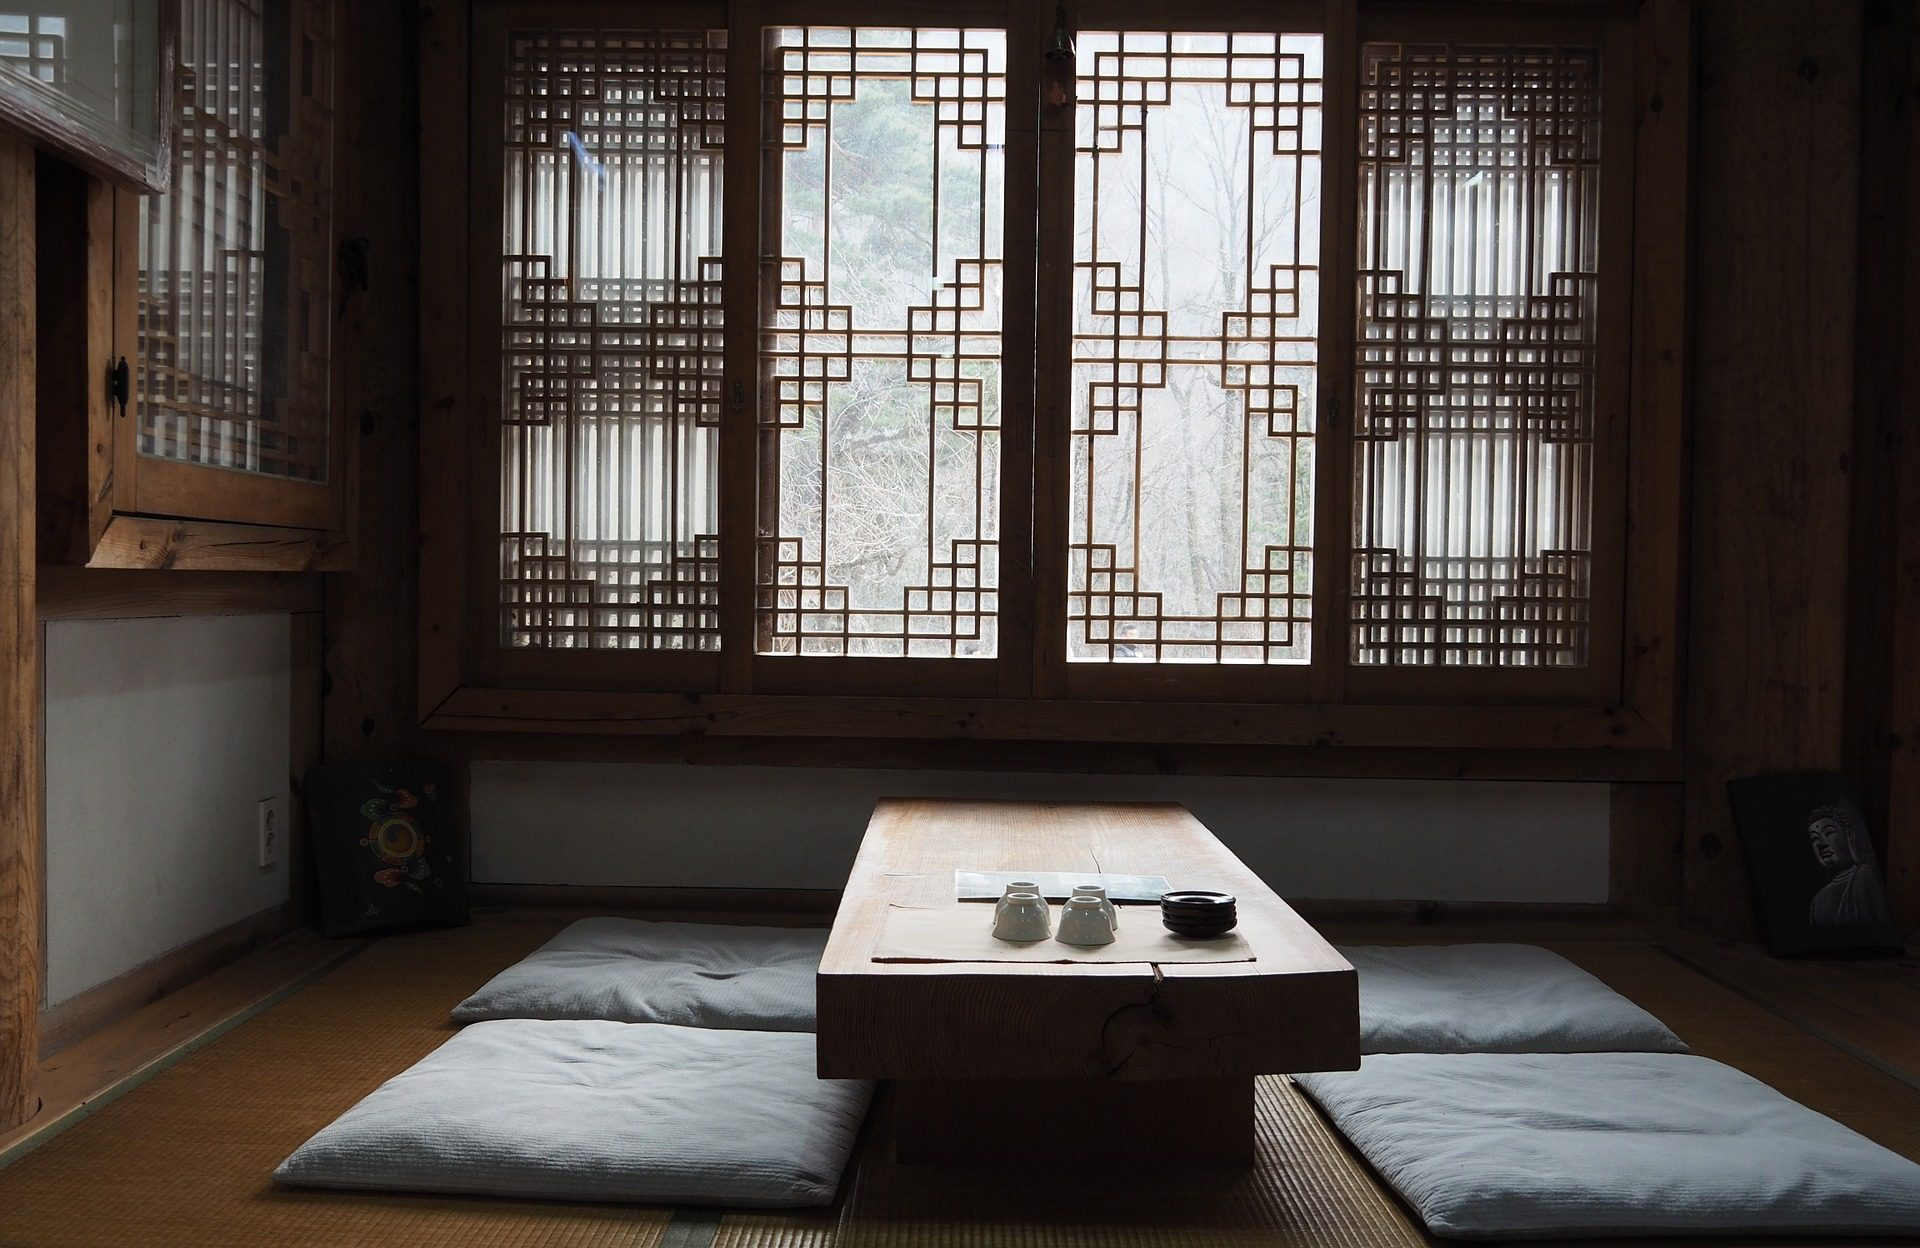 문화유산 만드는 김순기소목장을 아시나요?